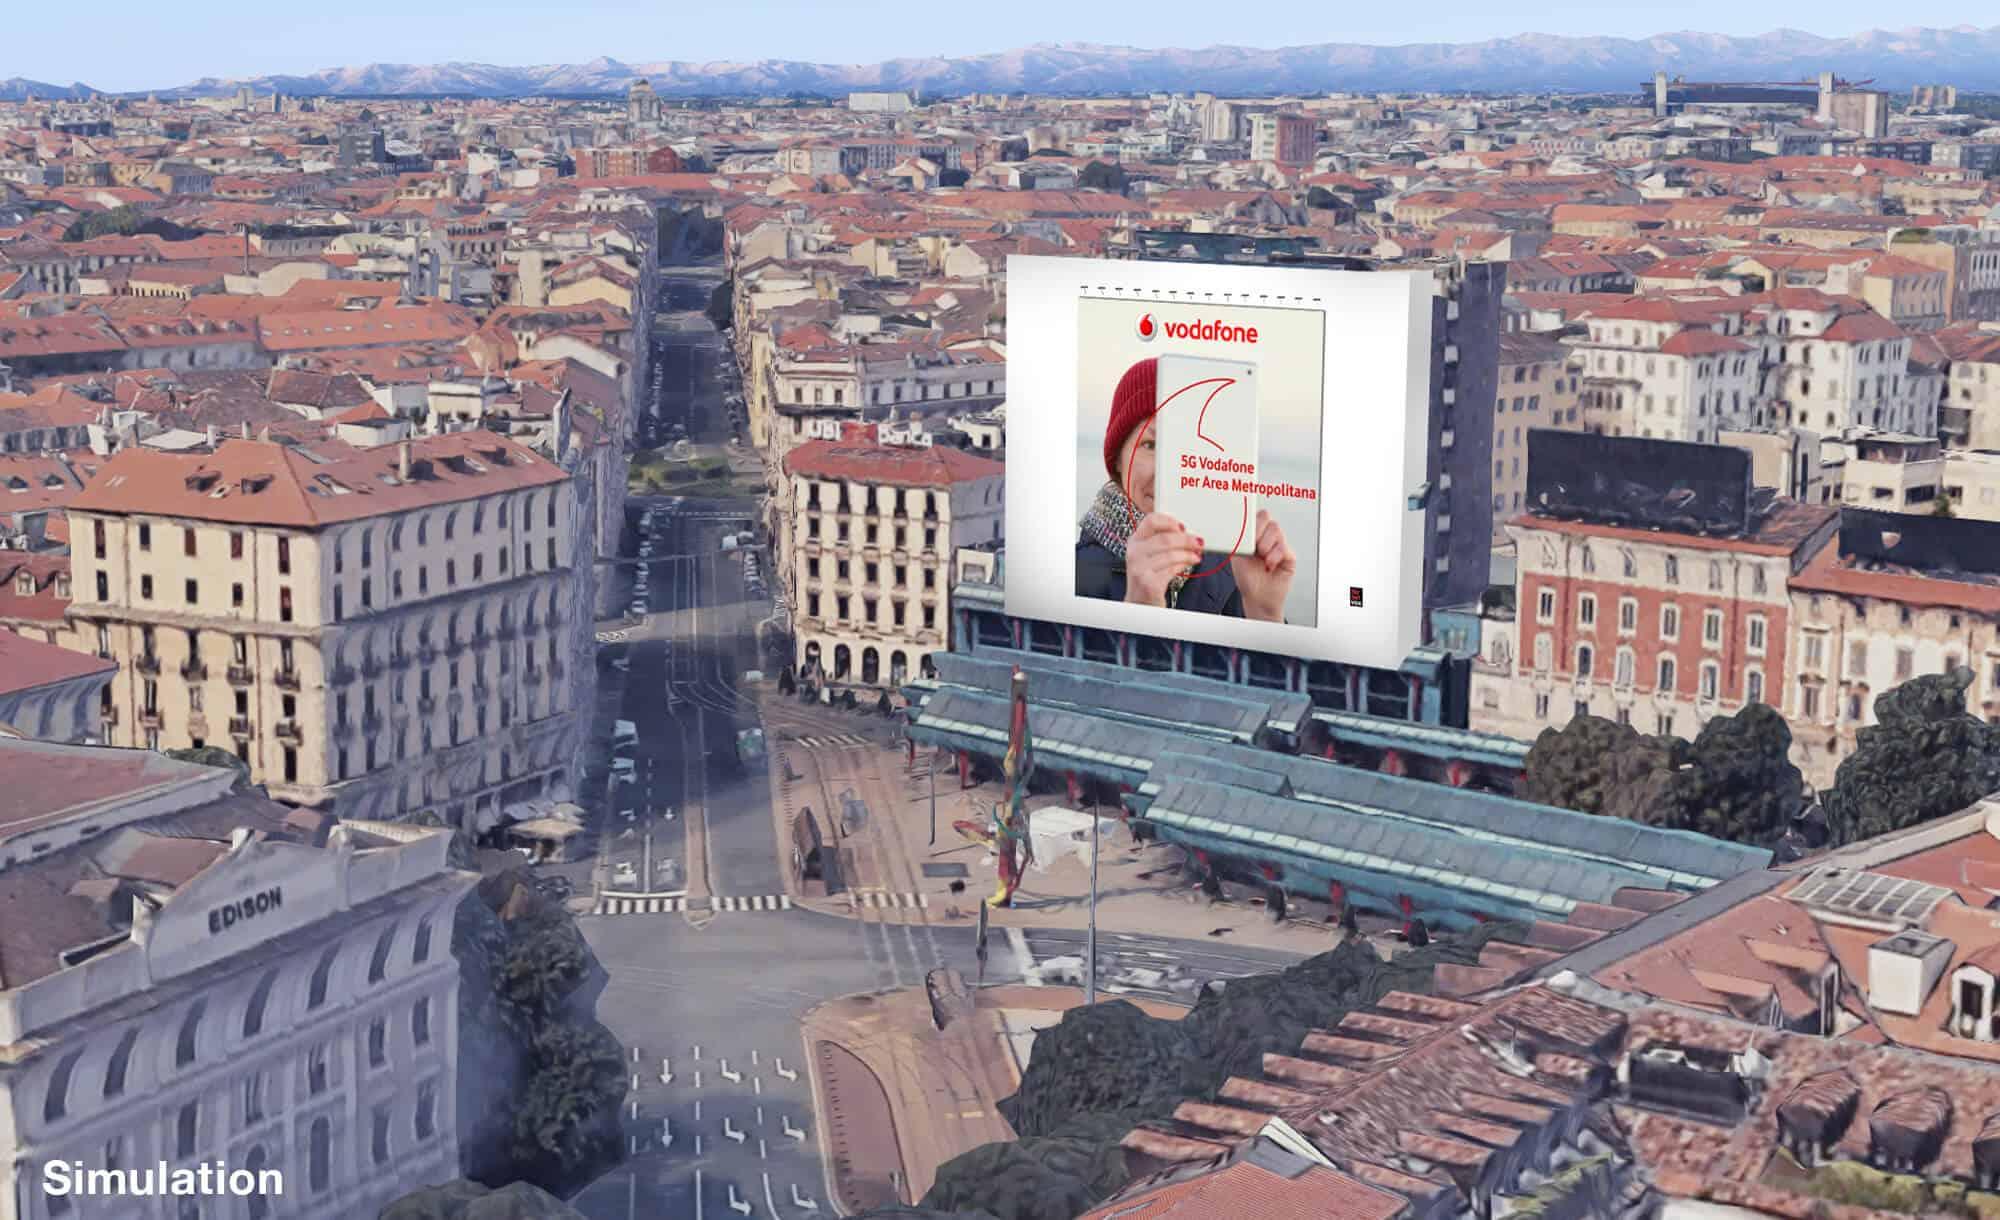 Maxi Affissione a Milano in Piazza Cadorna di Vodafone (mobile)